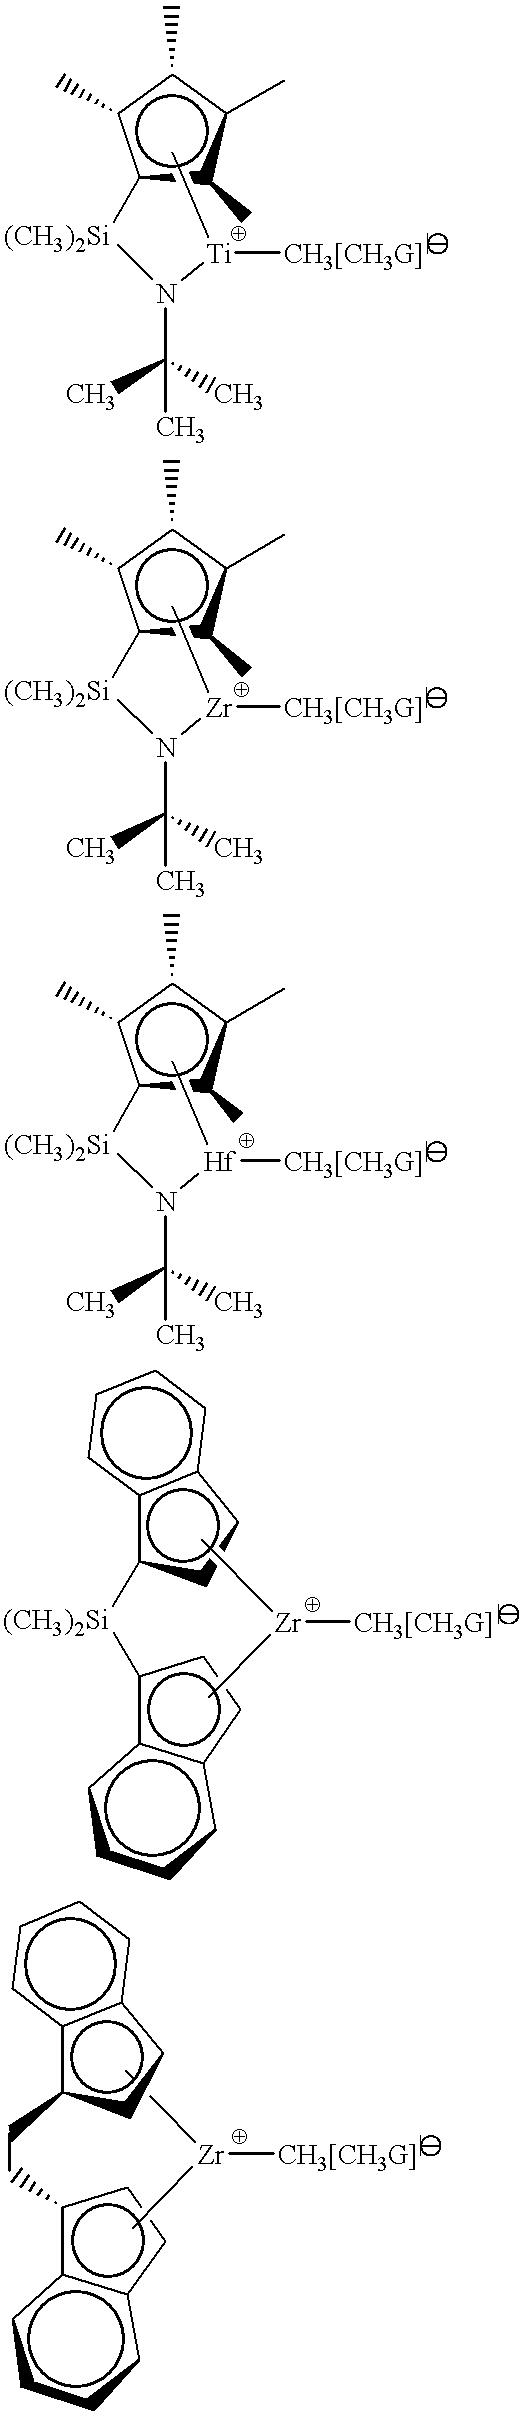 Figure US06291695-20010918-C00003